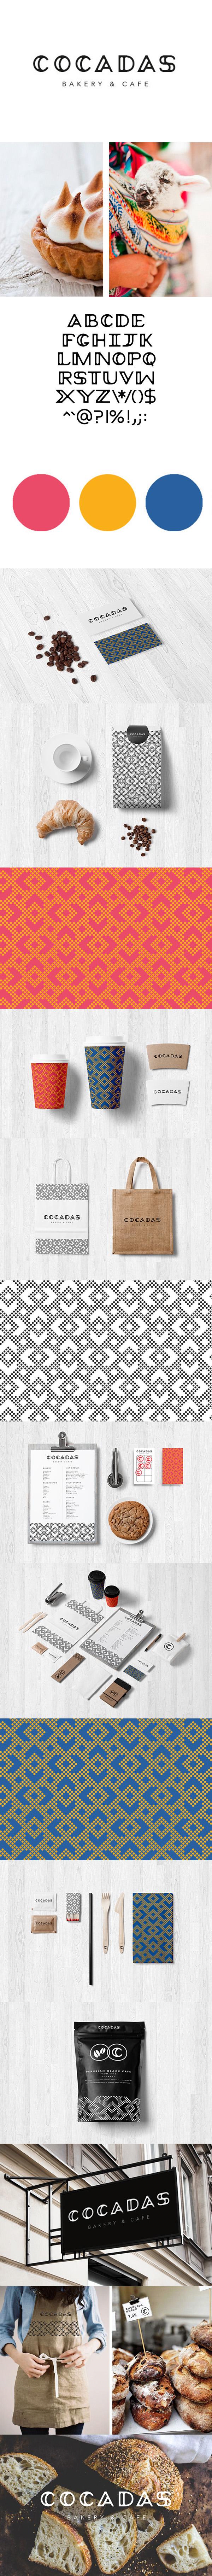 COCADAS-Bakery&Cafe